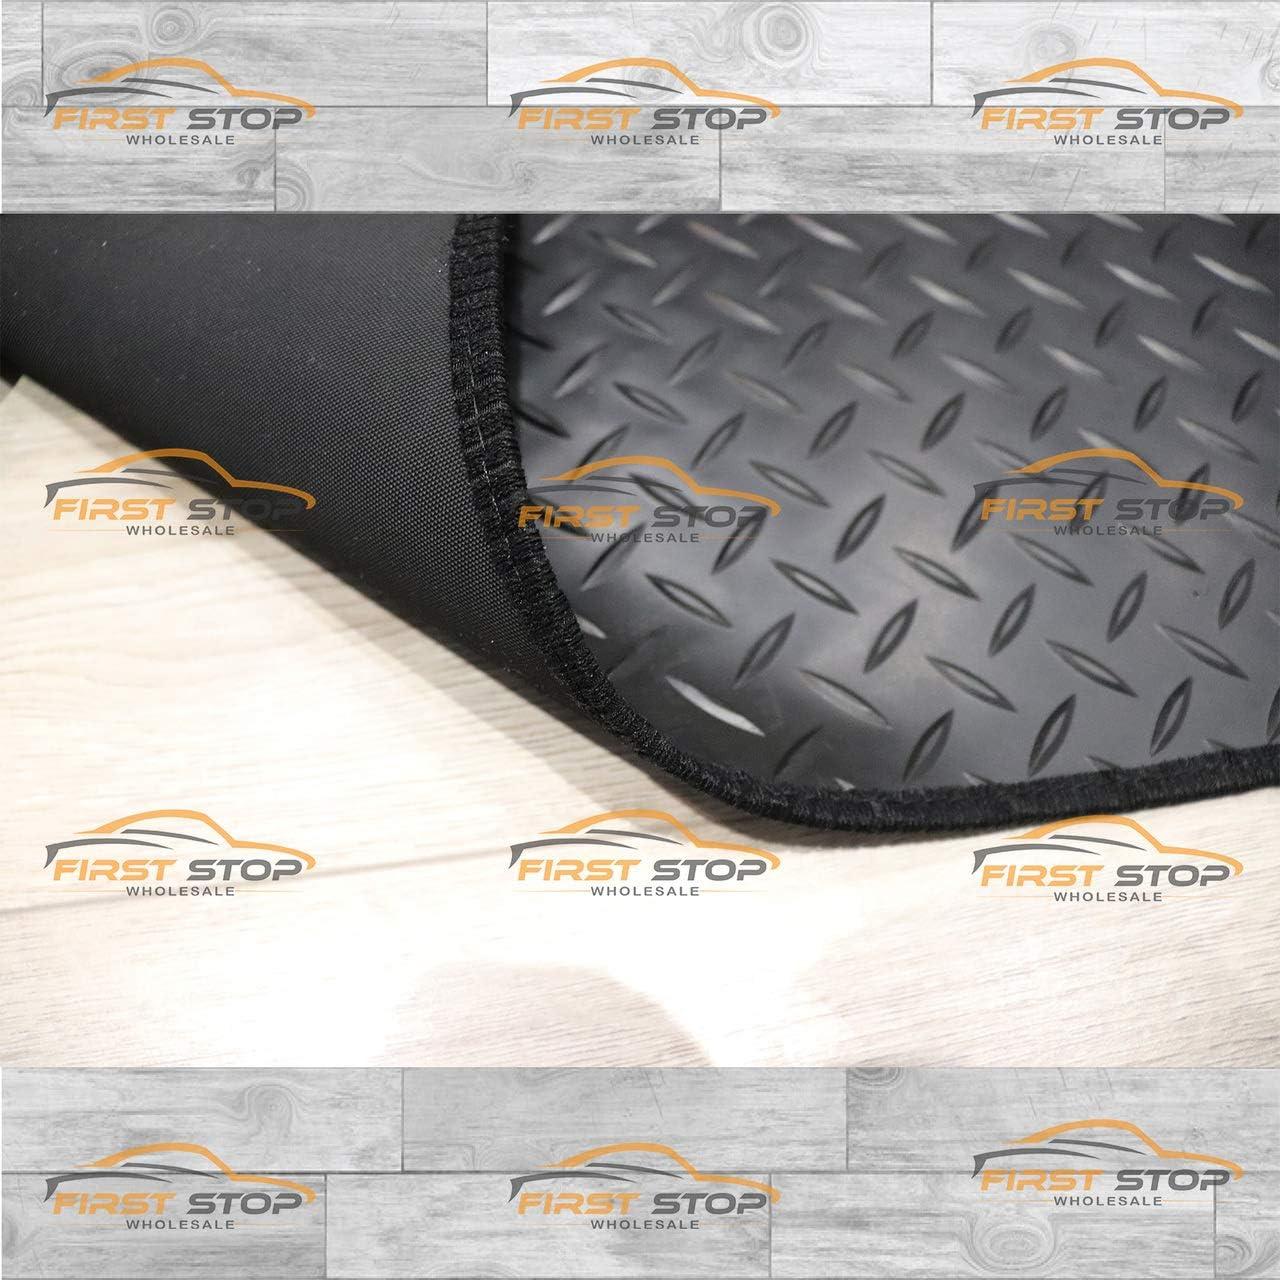 FSW Man-Erf Tgx 2012-On 3 Piece Set Tailored 3MM Waterproof Rubber Heavy Duty Floor Mats